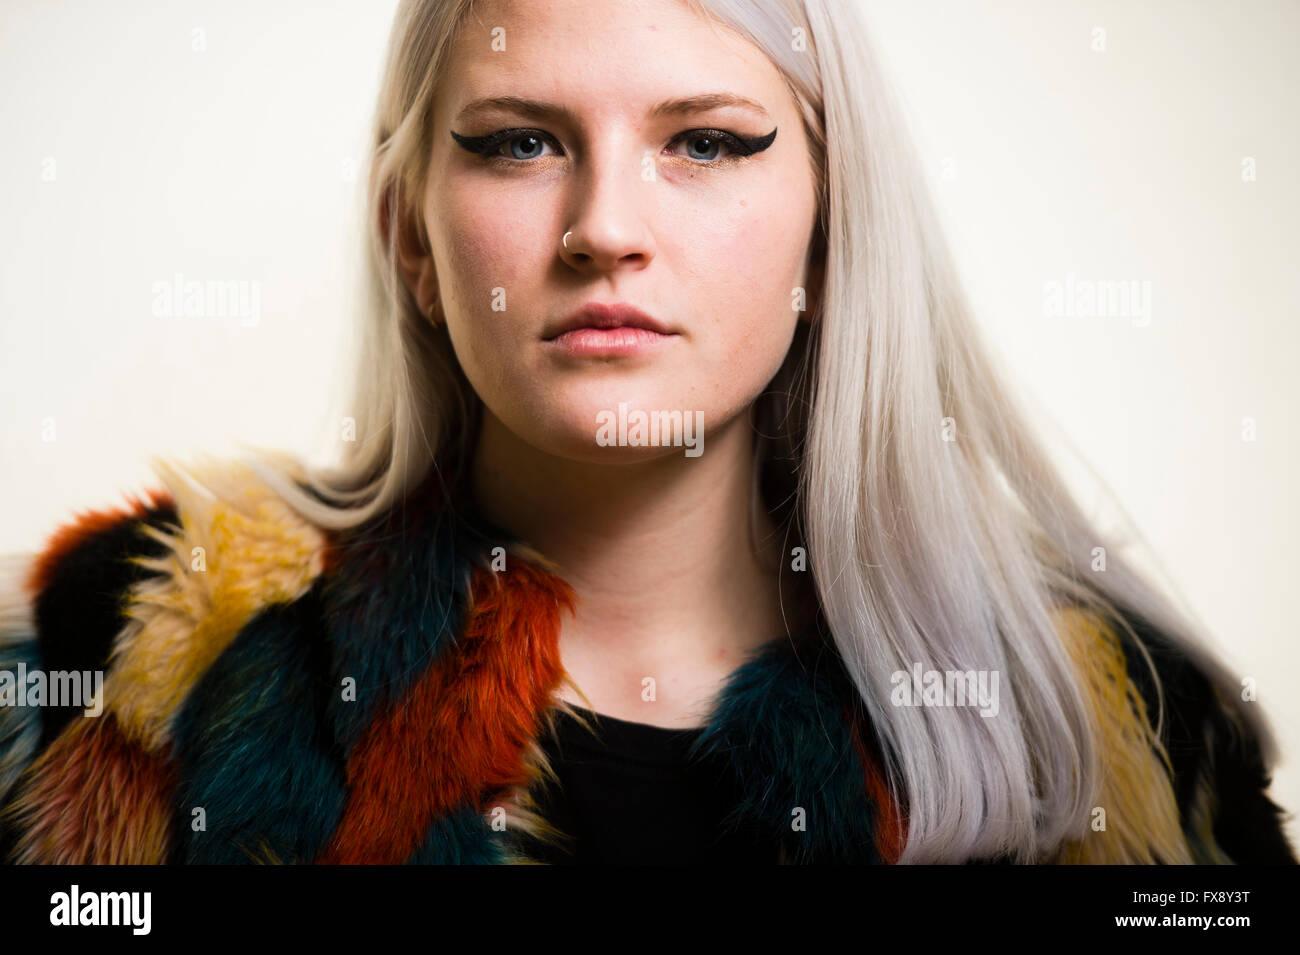 une jeune femme blonde platine girl face à l'avant, avec des yeux